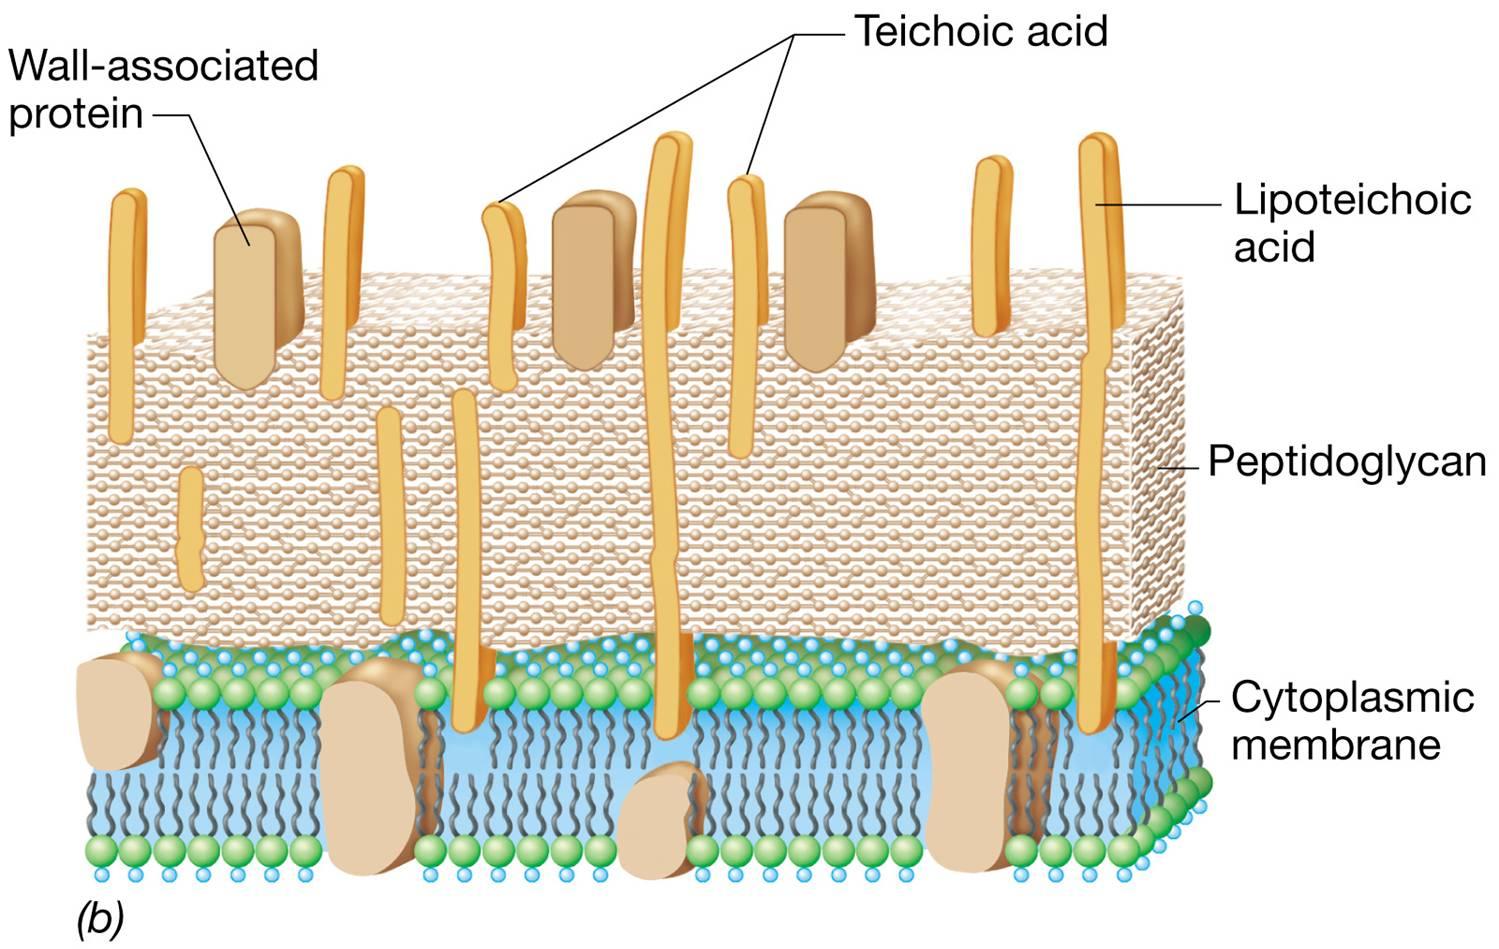 See image of teichoic acid